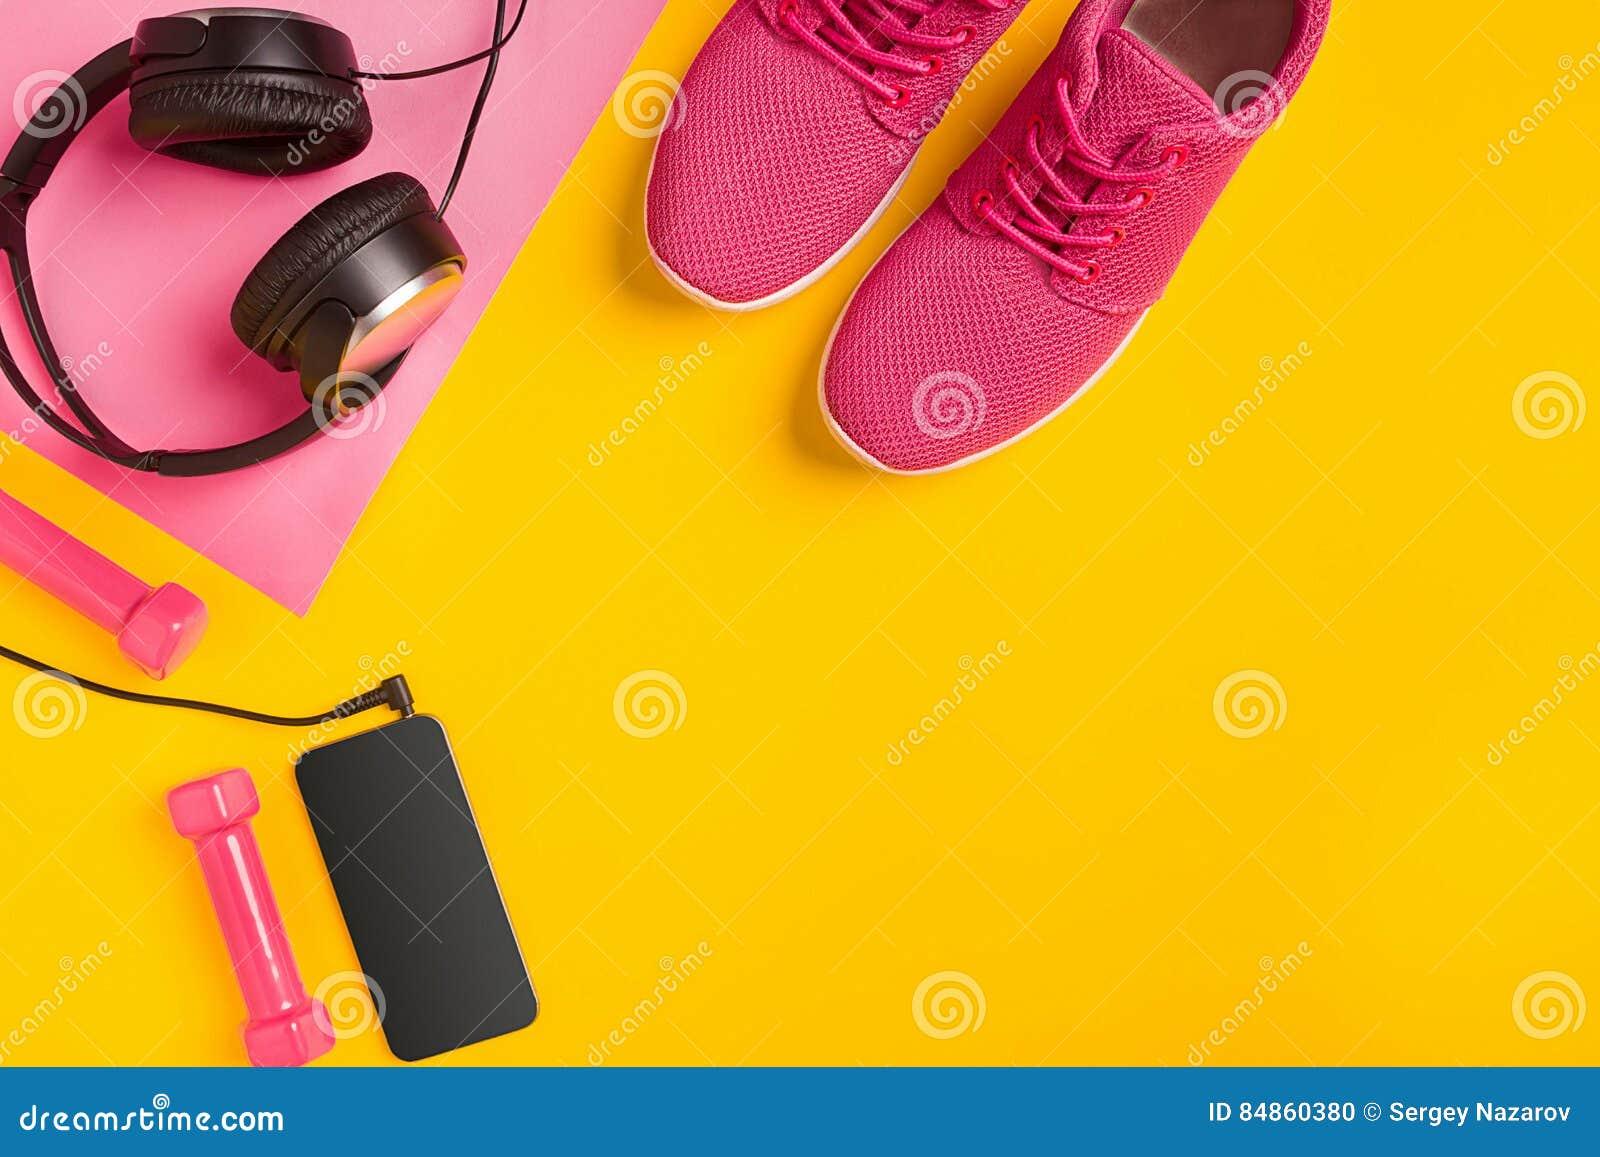 Accesorios de la aptitud en un fondo amarillo Zapatillas de deporte, botella de agua, auriculares y pesas de gimnasia